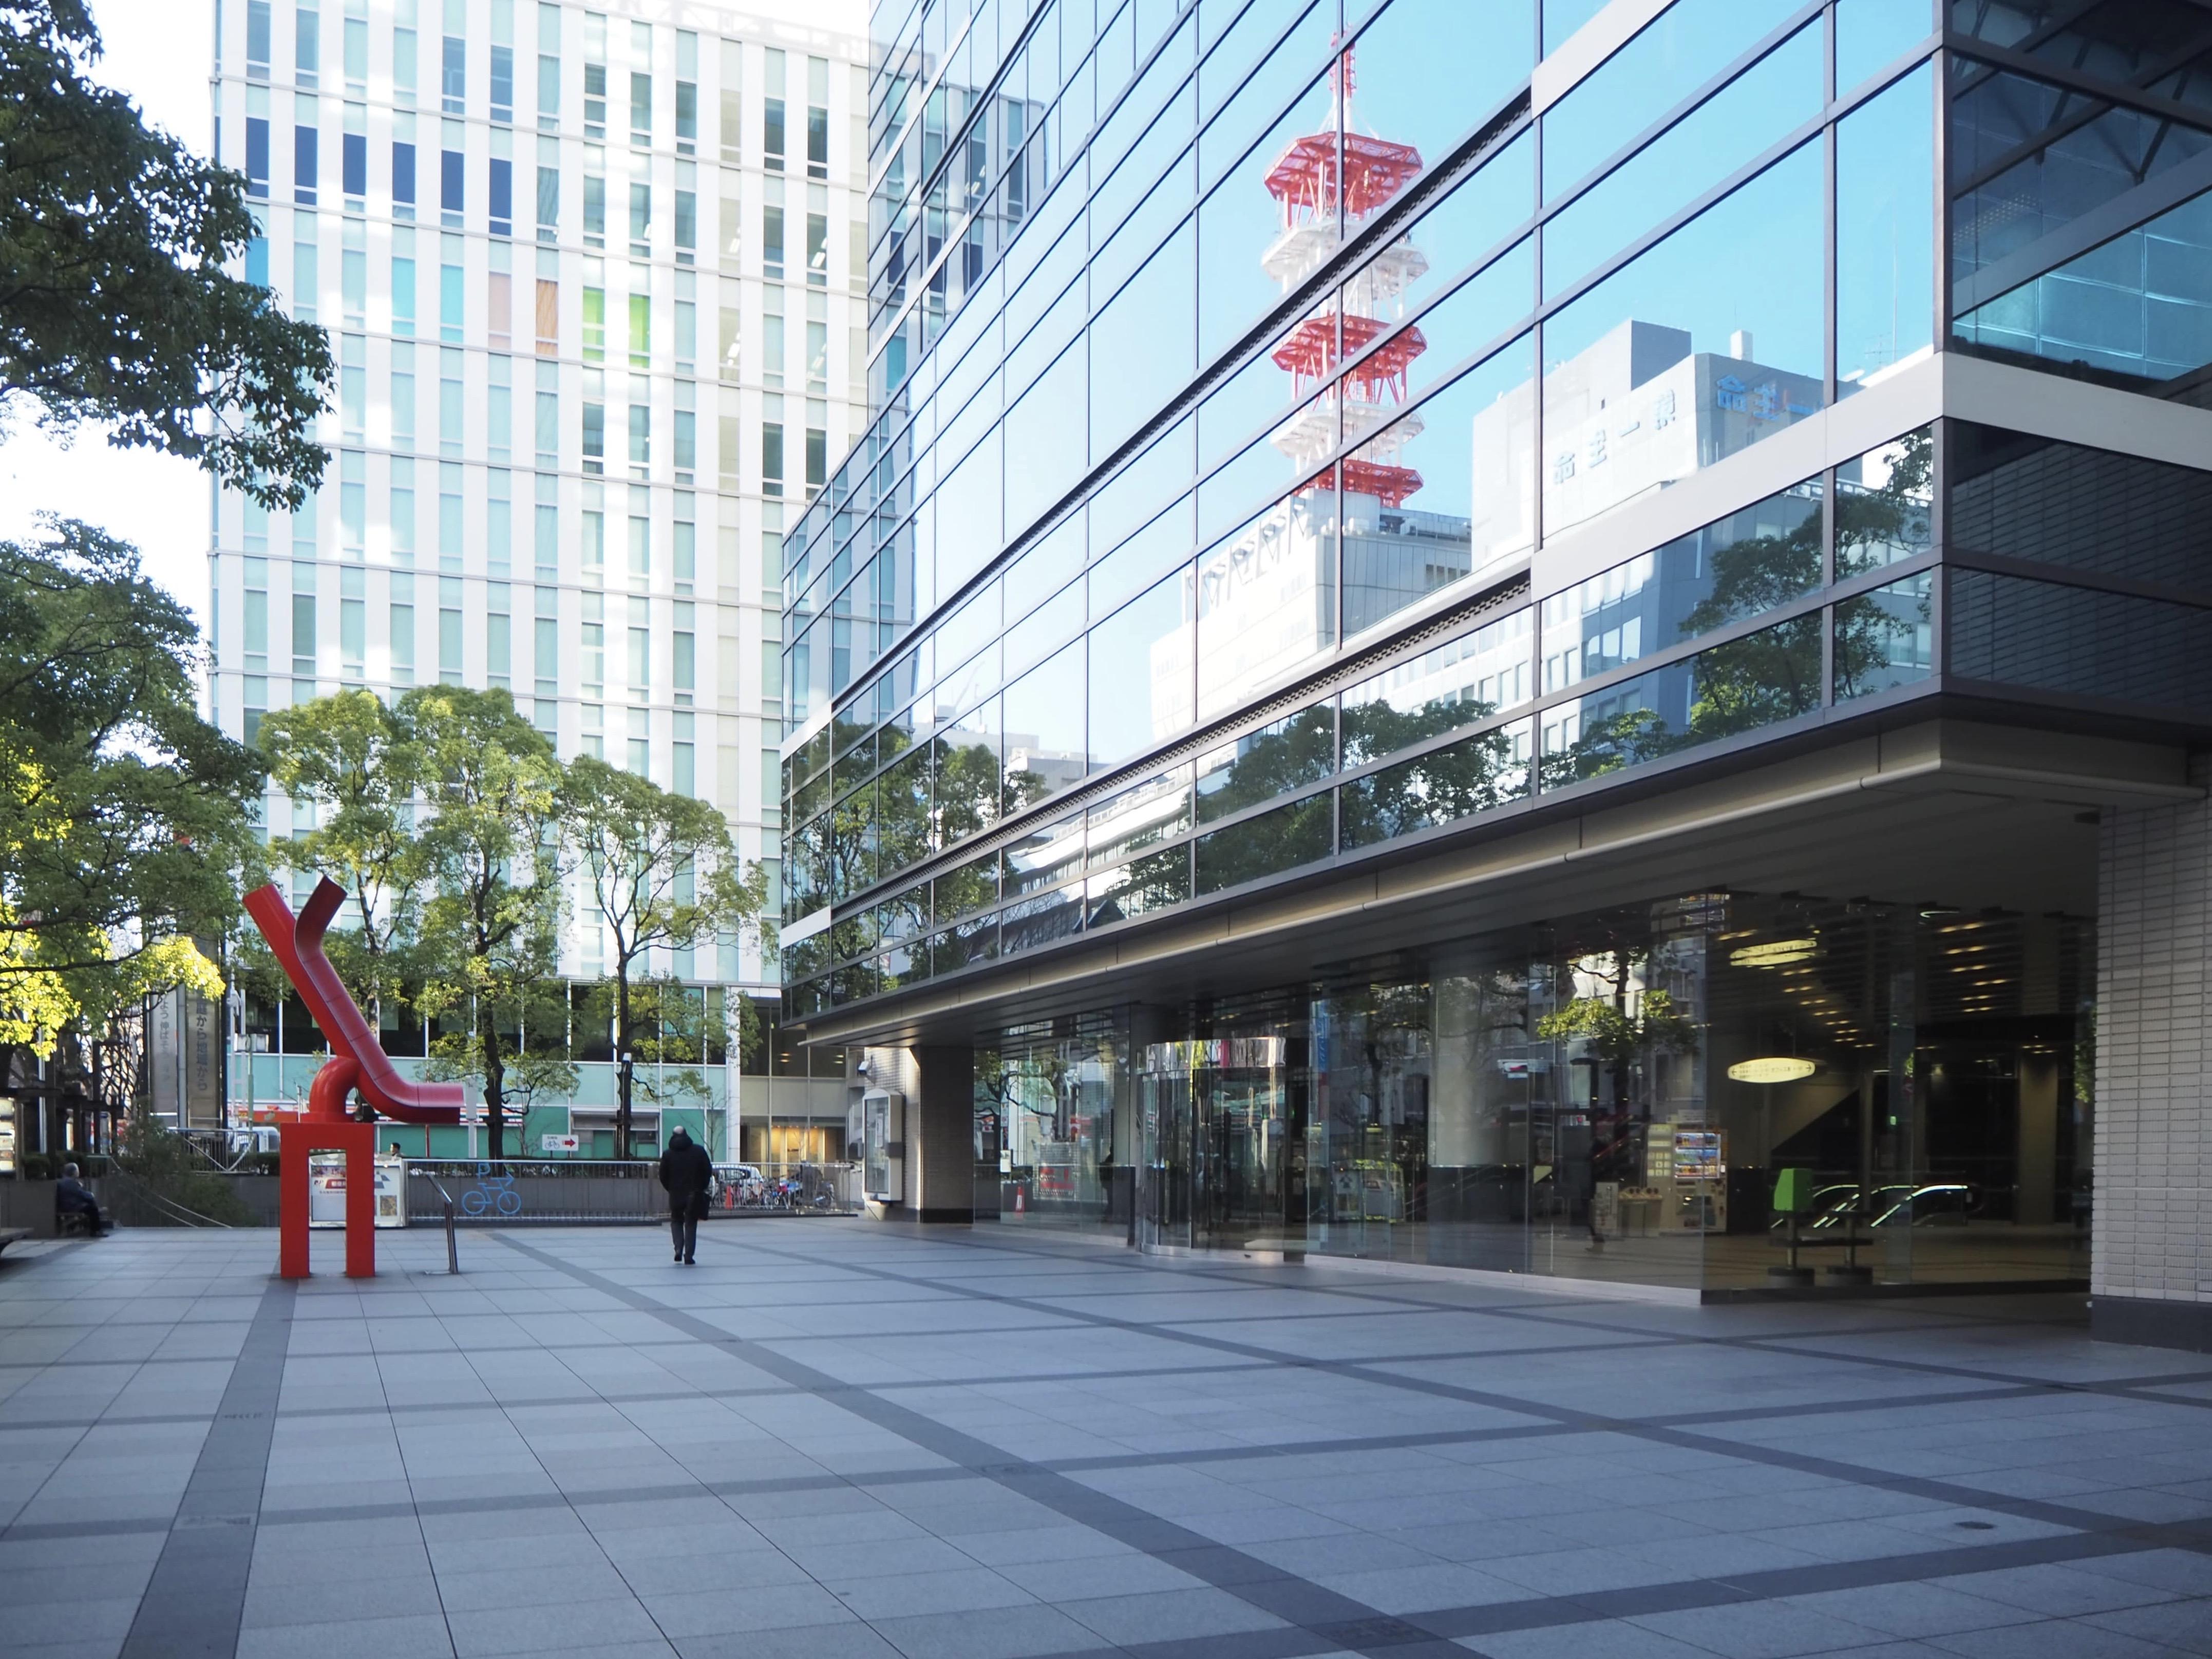 グルメもショッピングも楽しめる!名古屋市「中区」 - nakaku8 1